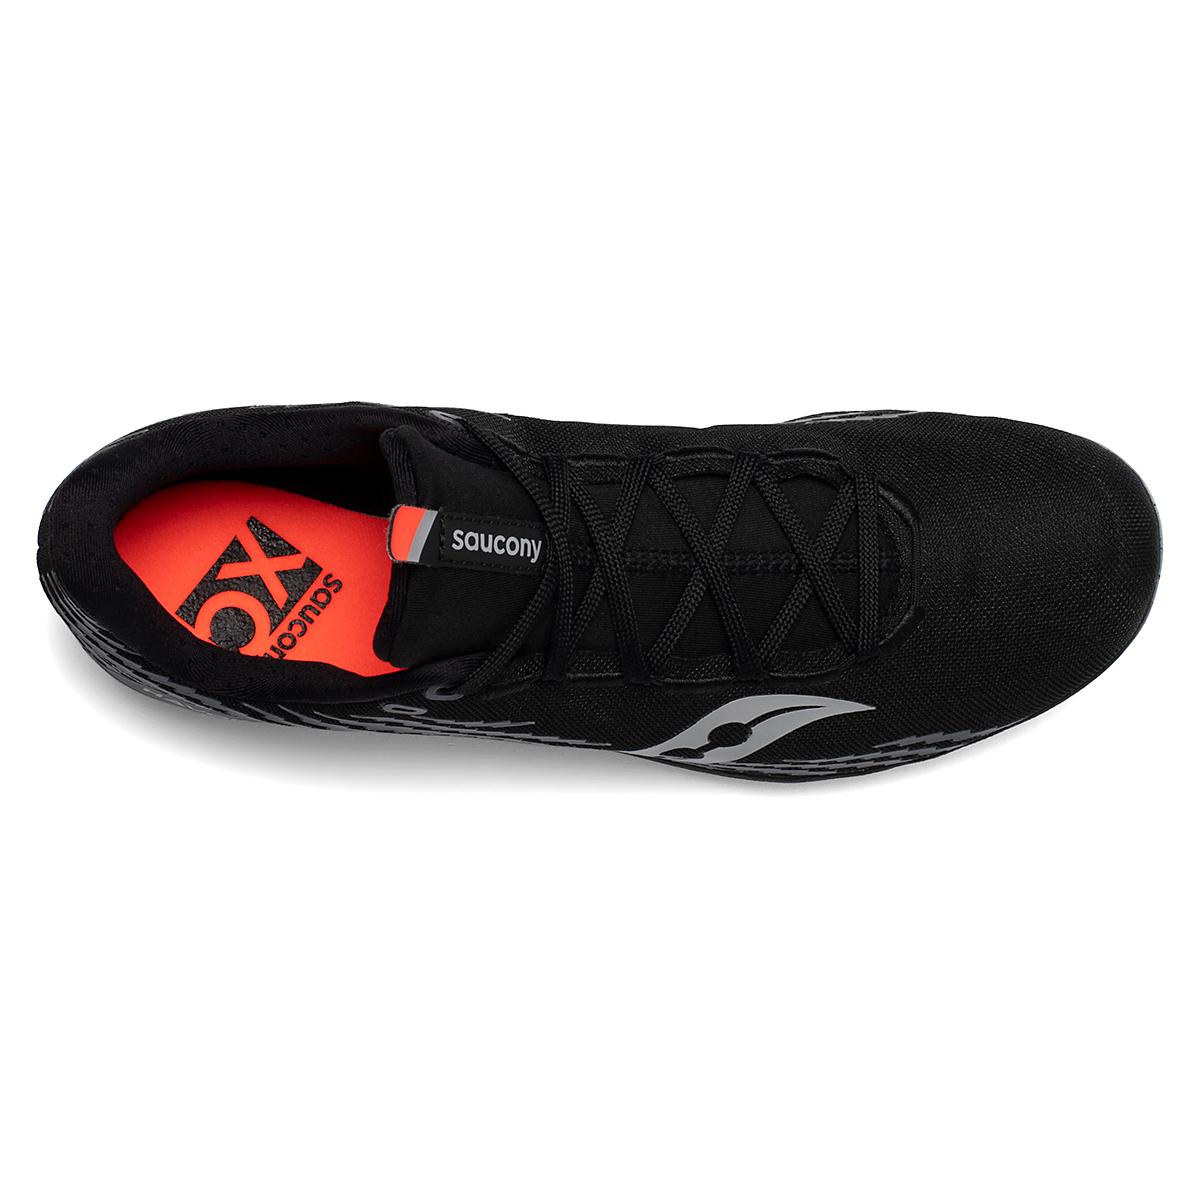 Men's Saucony Havok XC 3 Spike - Color: Black - Size: 8 - Width: Regular, Black, large, image 4